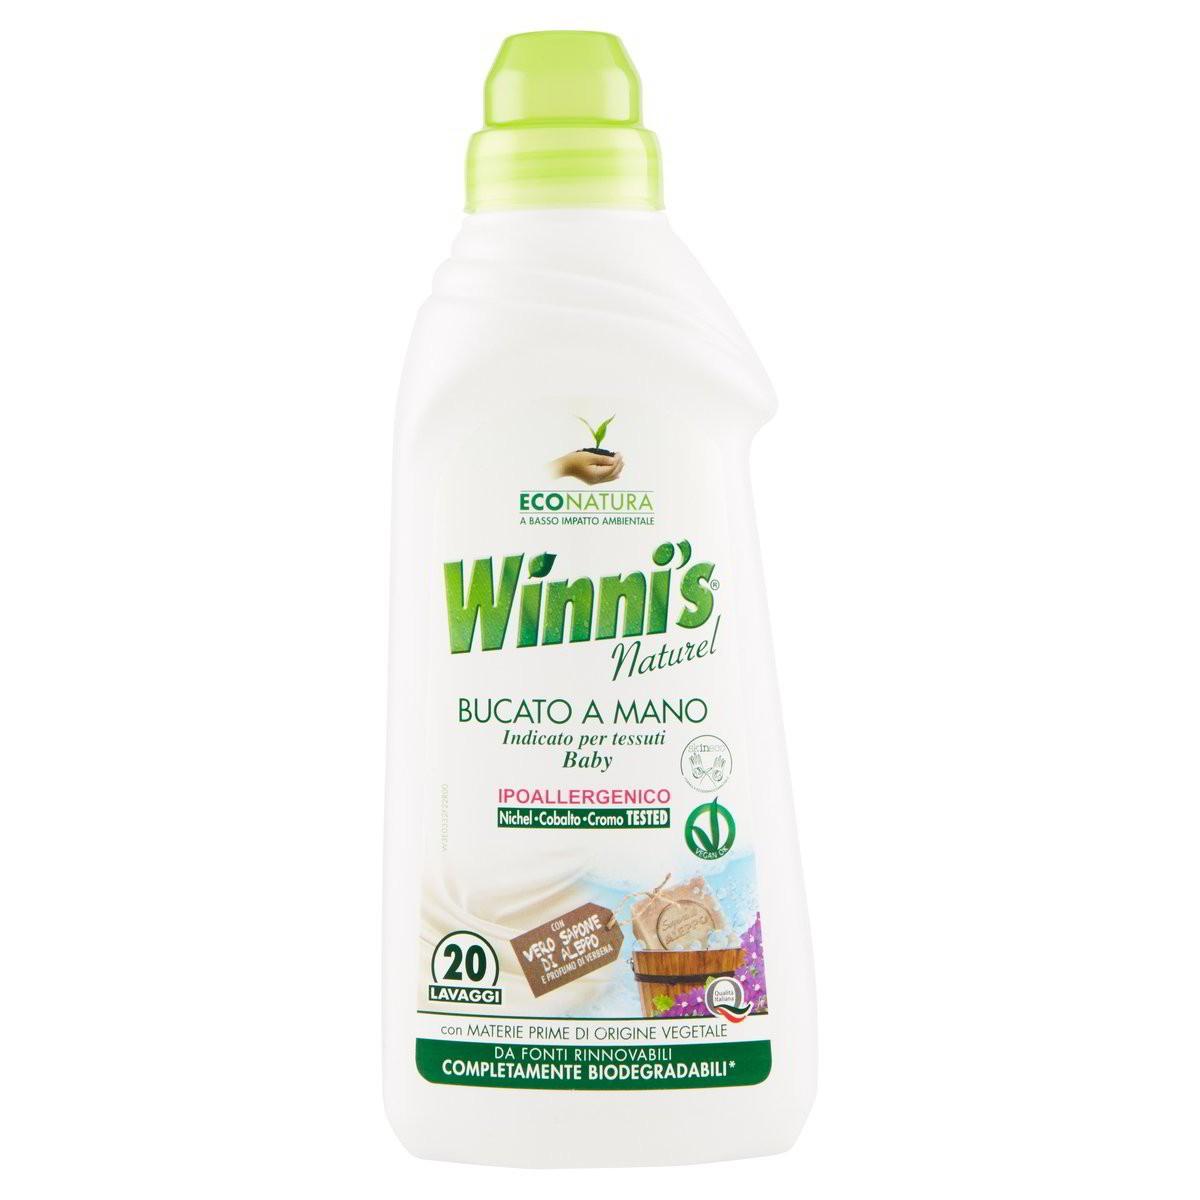 Winni's Detersivo per bucato a mano